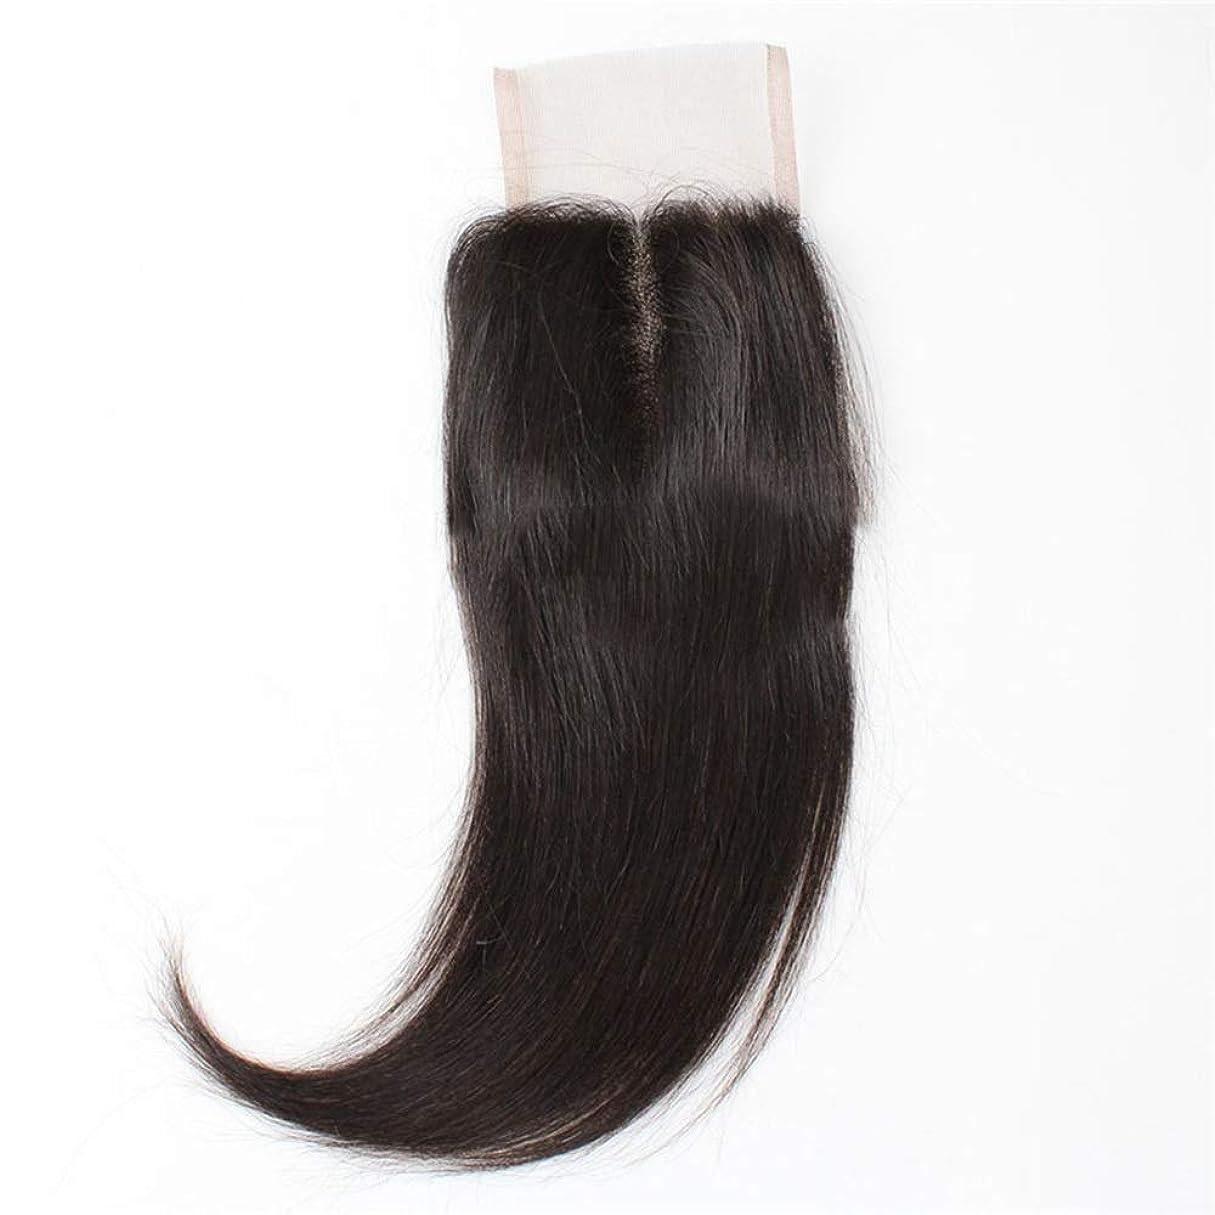 和らげる口実店員HOHYLLYA ブラジルの髪4×4フルレース前頭閉鎖9A未処理人間の髪の毛絹のようなストレートヘアミドルパートナチュラルブラック複合毛レースのかつらロールプレイングかつらロングとショートの女性自然 (色 : 黒, サイズ : 12 inch)